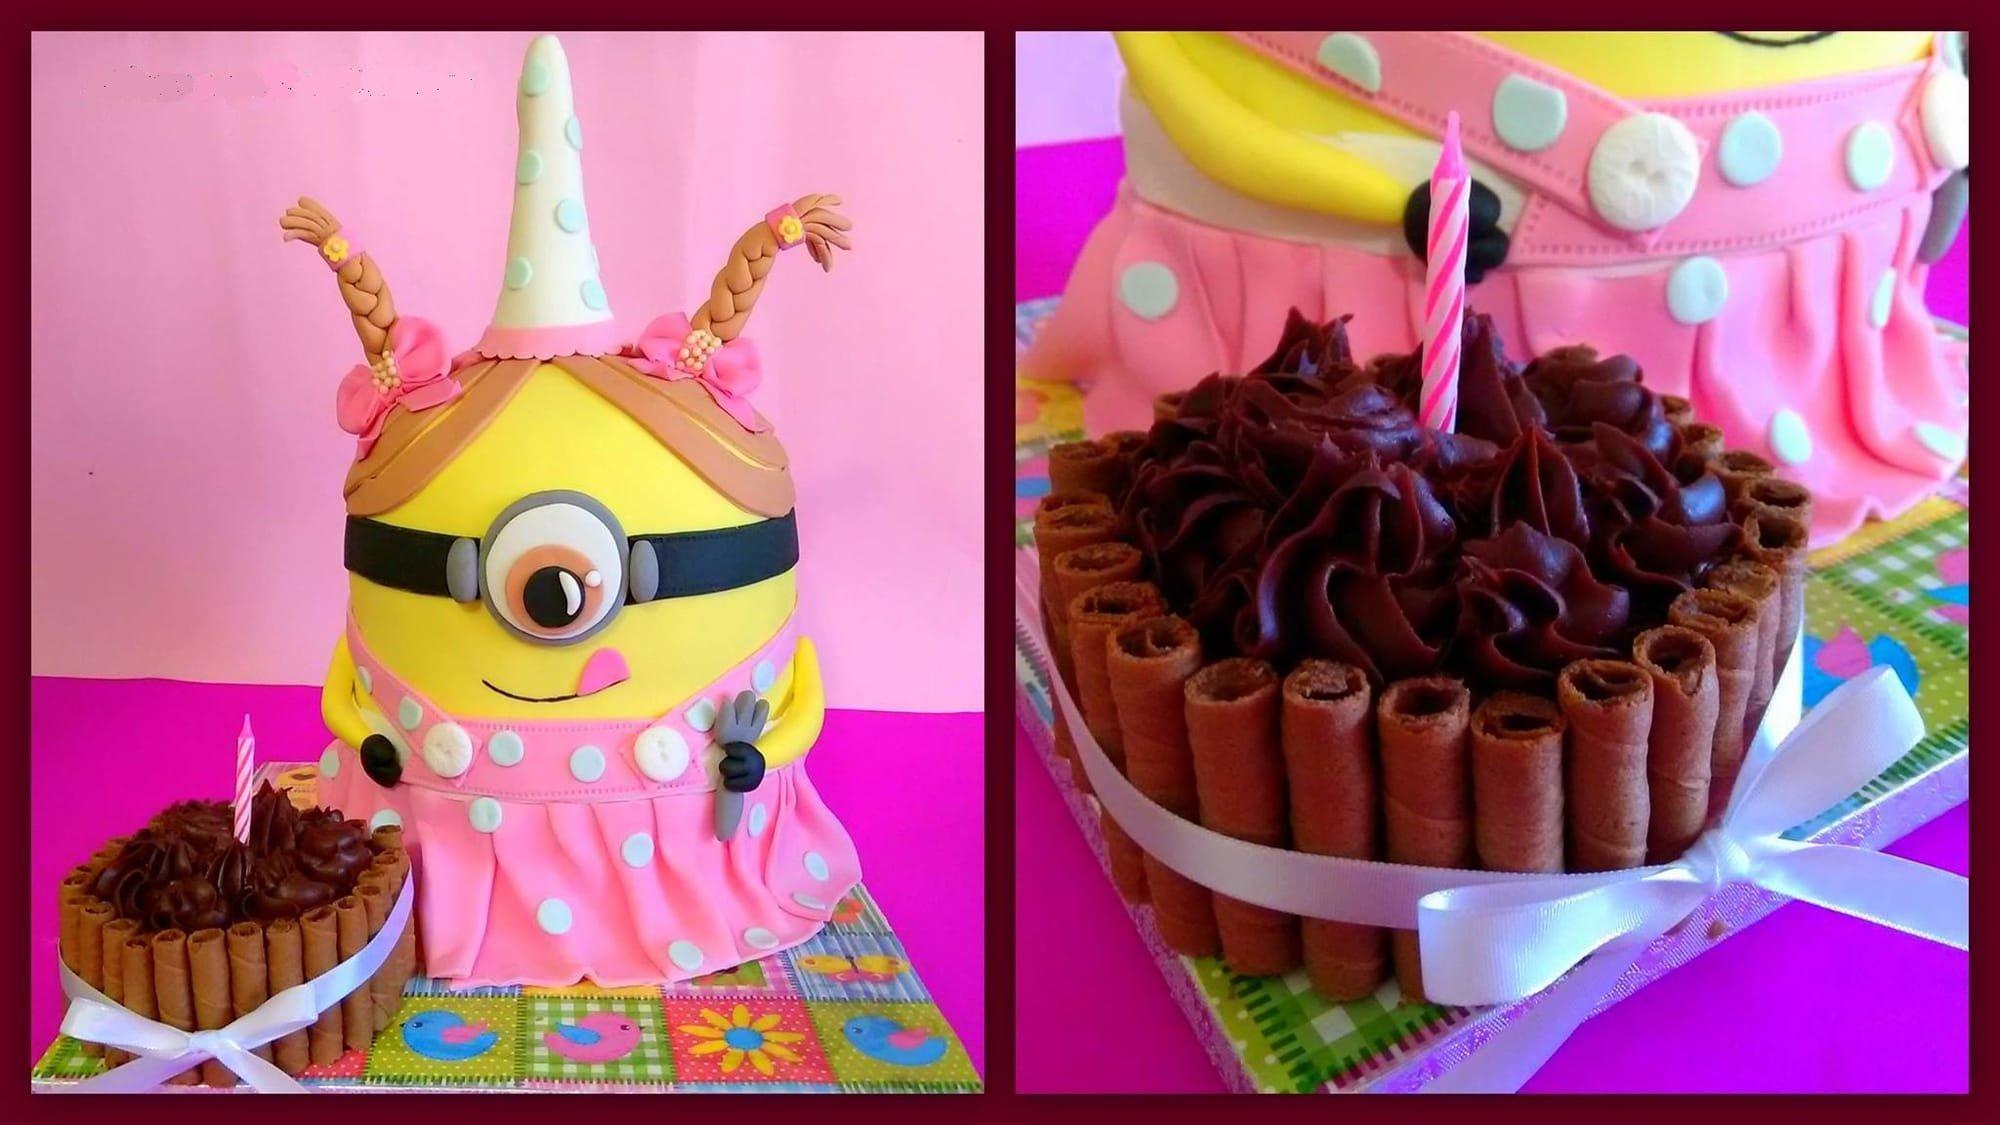 τουρτα απο ζαχαροπαστα girl minion, Ζαχαροπλαστείο καλαμάτα madamecharlotte.gr, τούρτες γεννεθλίων γάμου βάπτησης παιδικές θεματικές birthday theme party cake 2d 3d confectionery patisserie kalamata